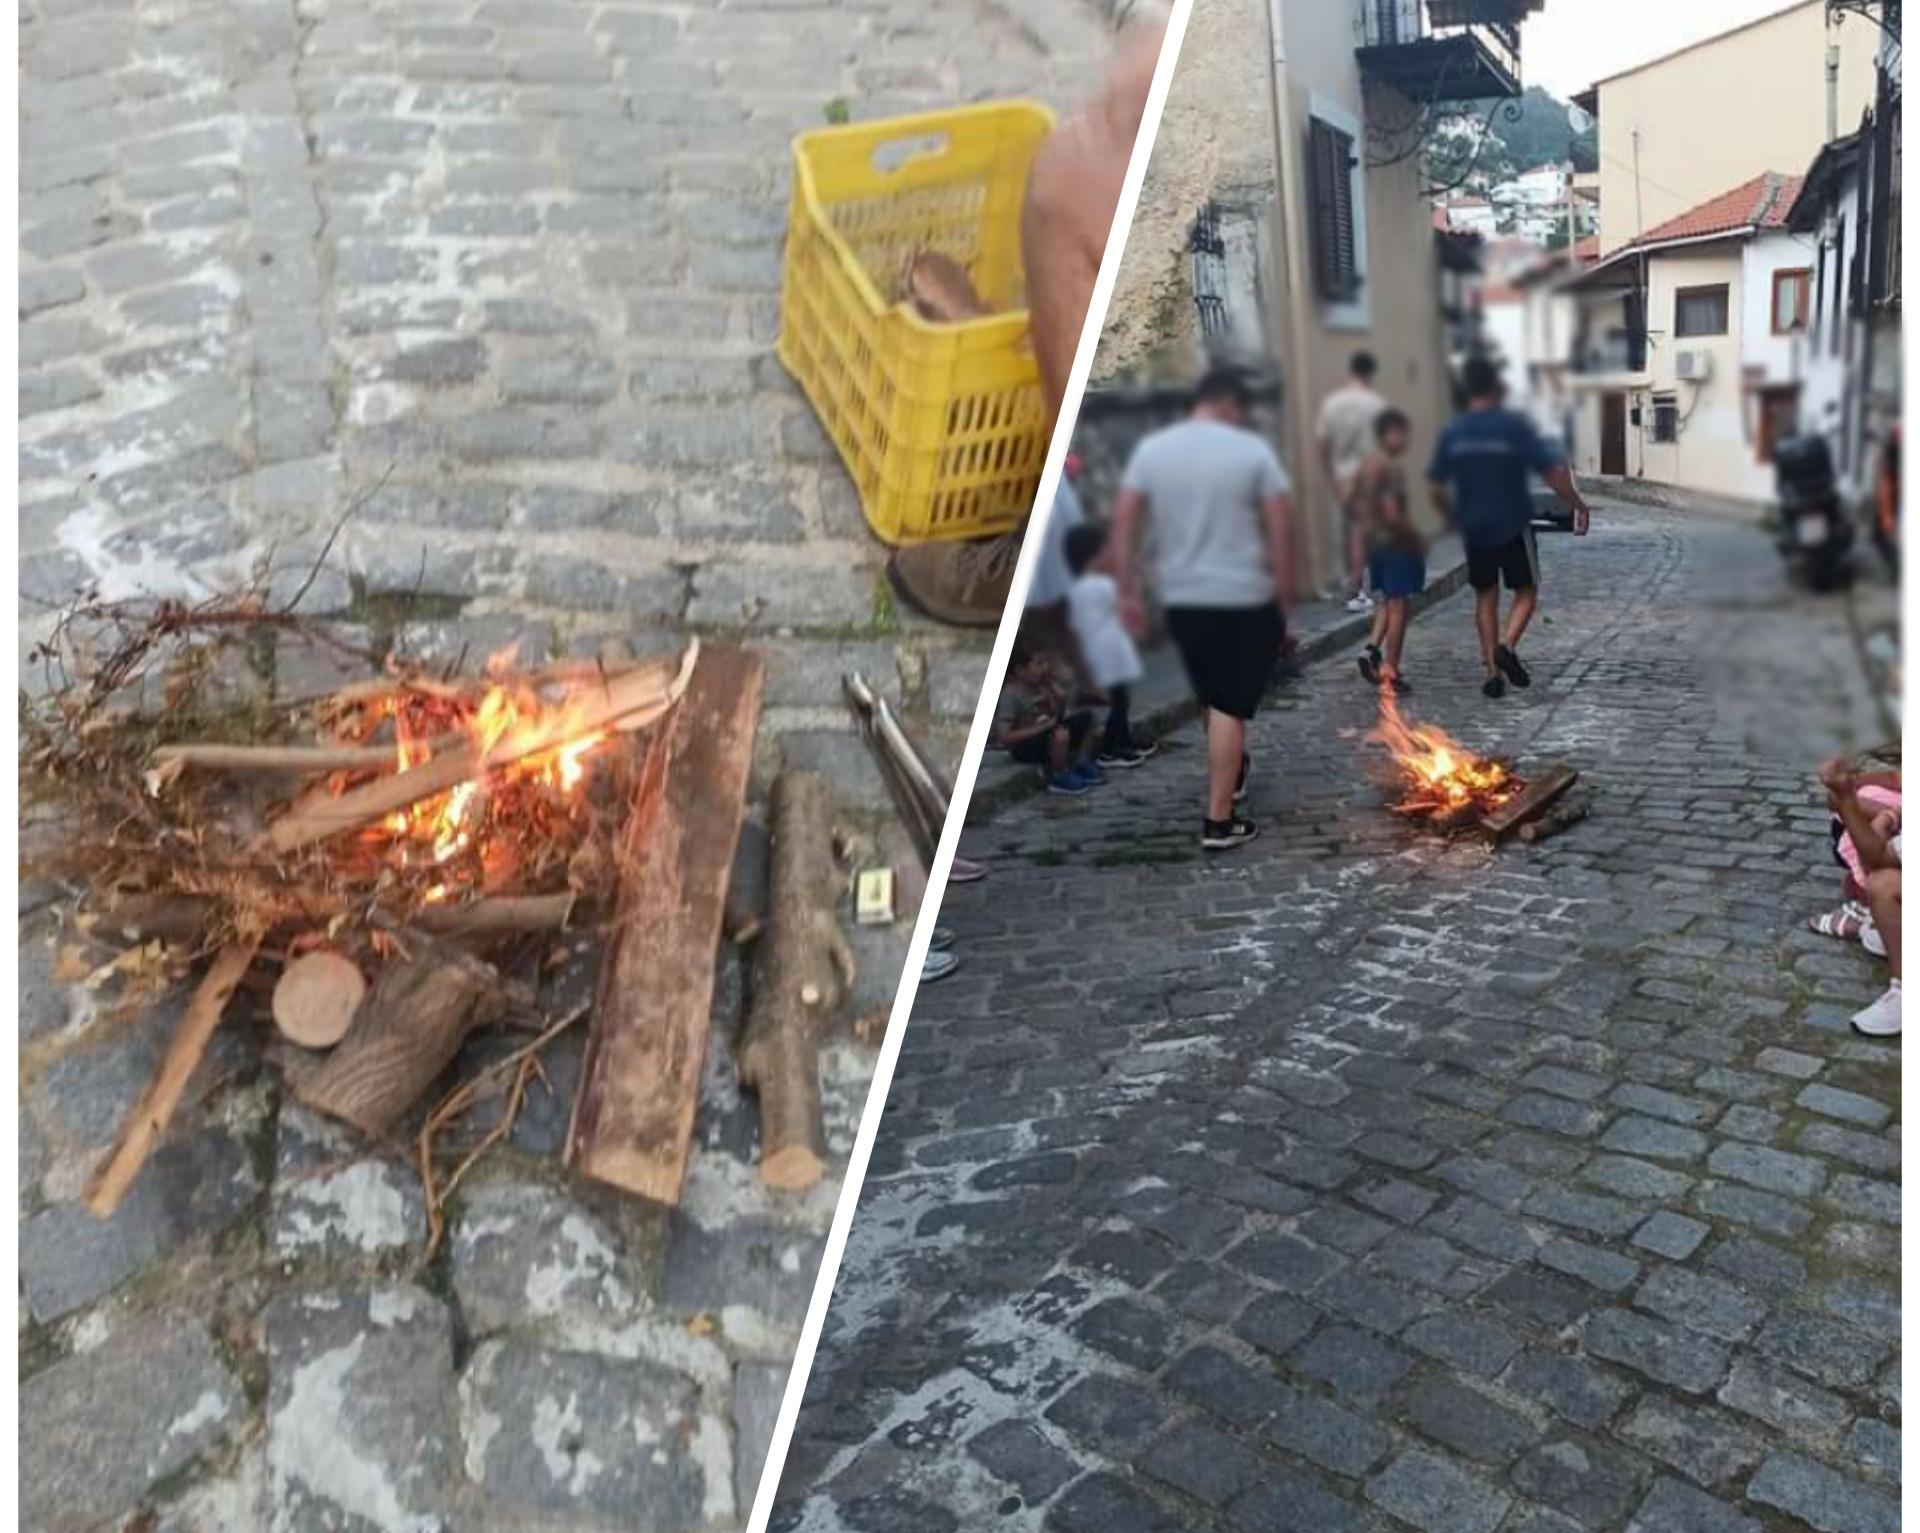 Ξάνθη: Άναψαν φωτιές για το έθιμο του Άη Γιάννη του Κλήδονα